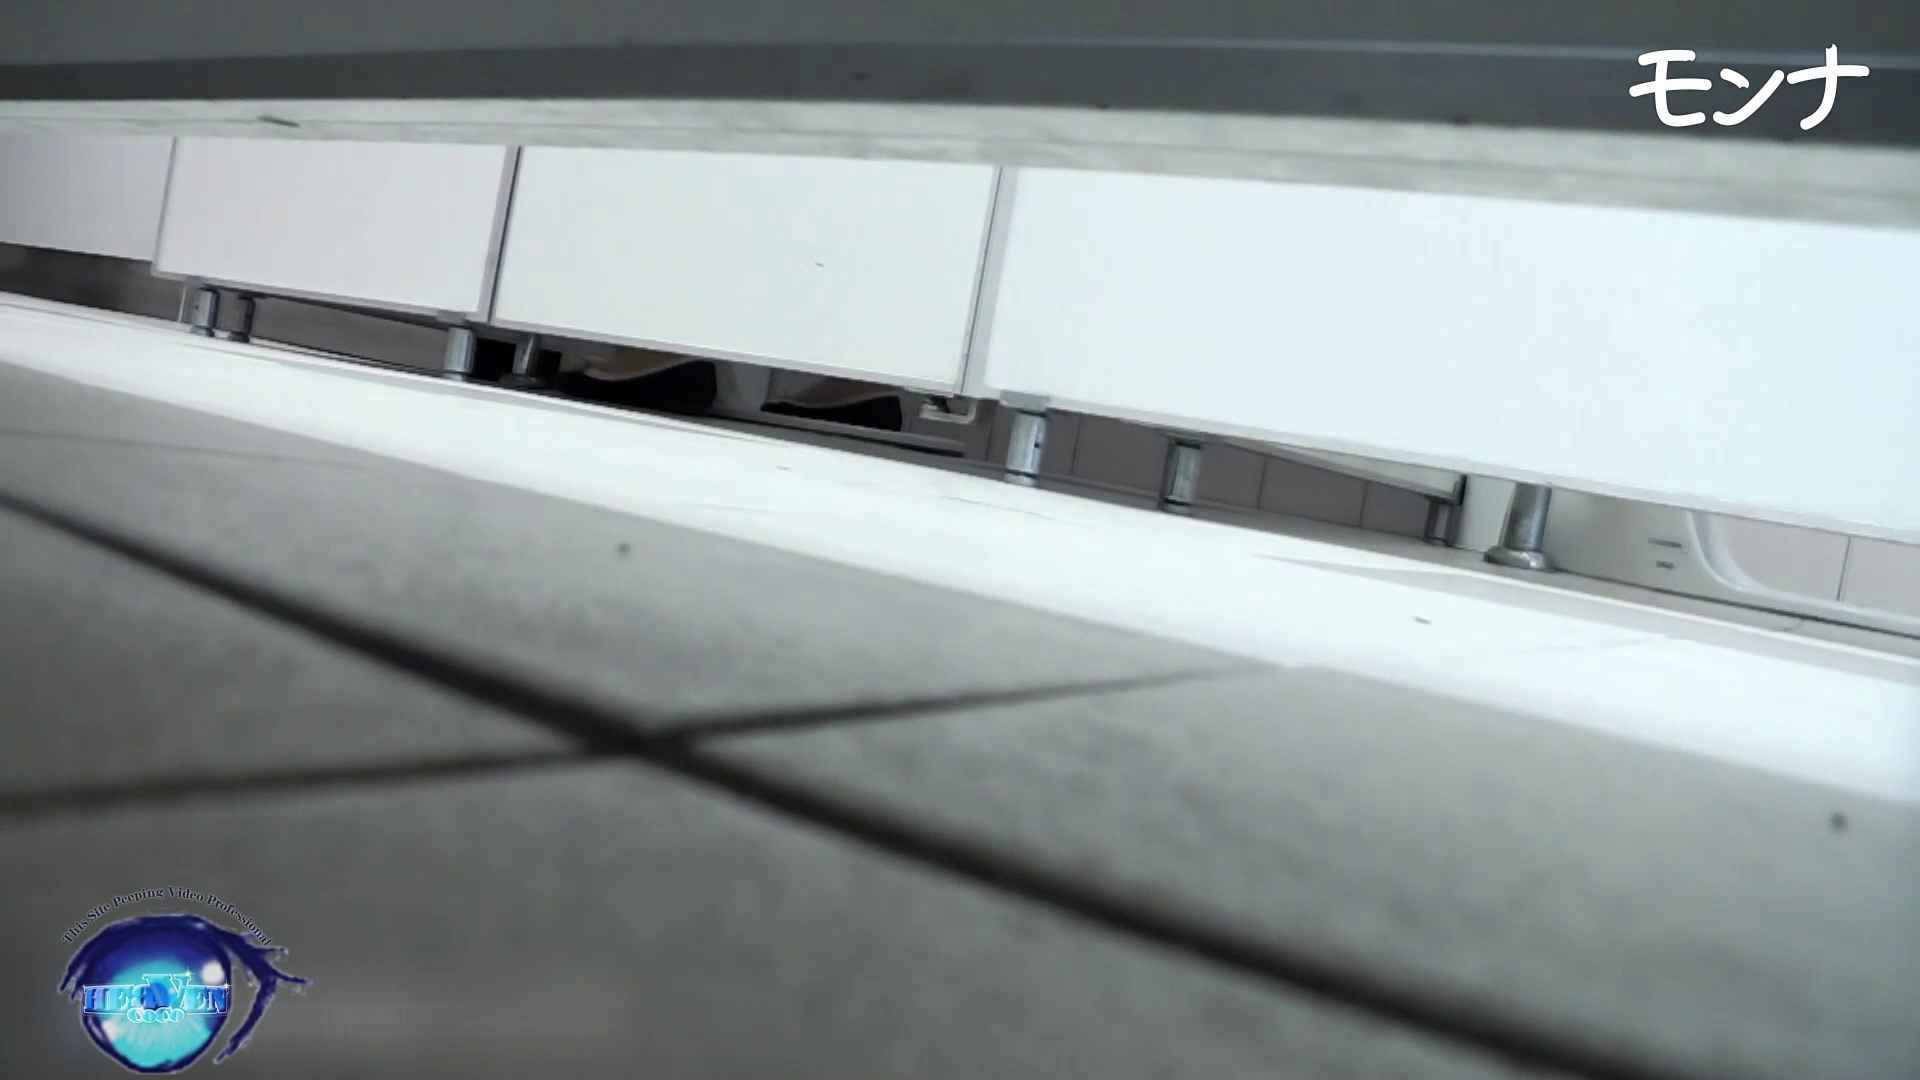 【美しい日本の未来】美しい日本の未来 No.87前編 おまんこ大好き | 盗撮動画  11枚 9